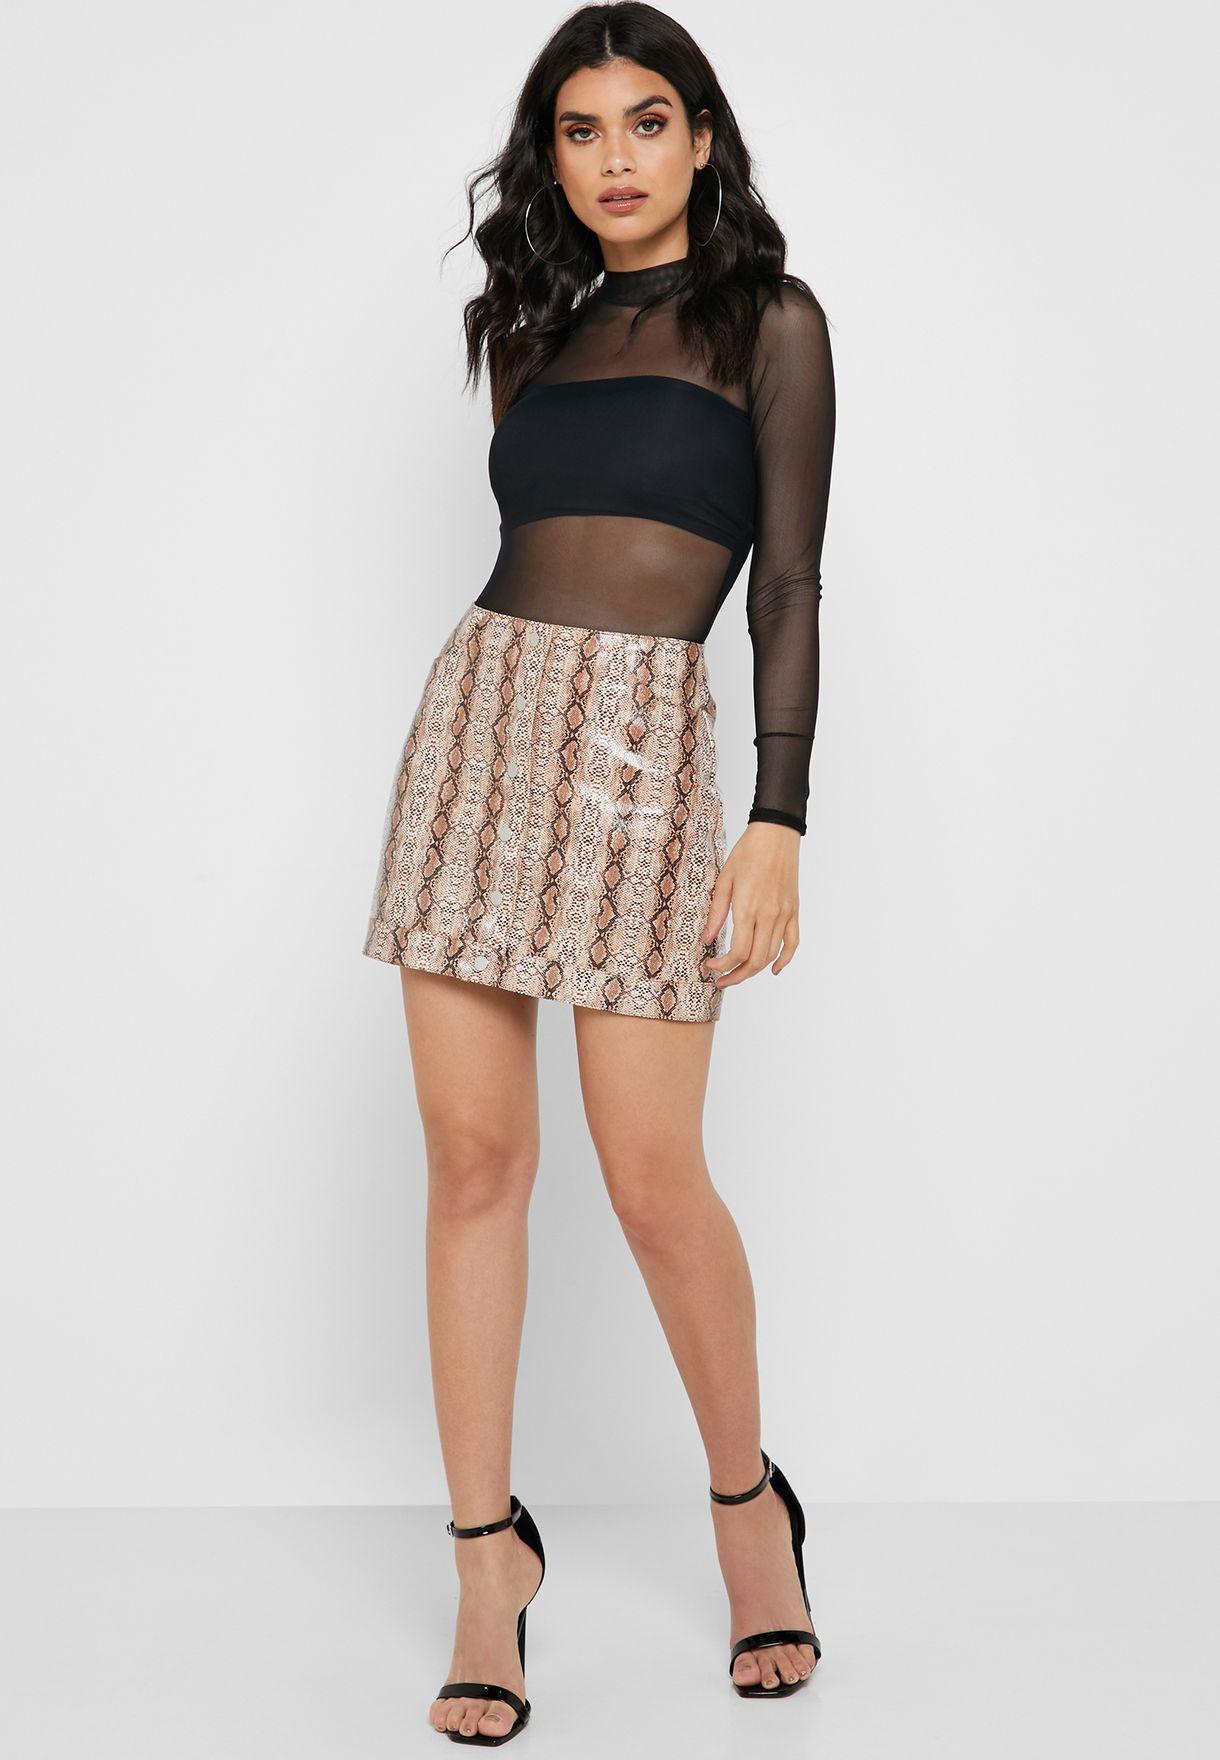 630ba9bce4e6 Shop Topshop Petite prints PU Snake Print Mini Skirt 26K03QBRN for ...